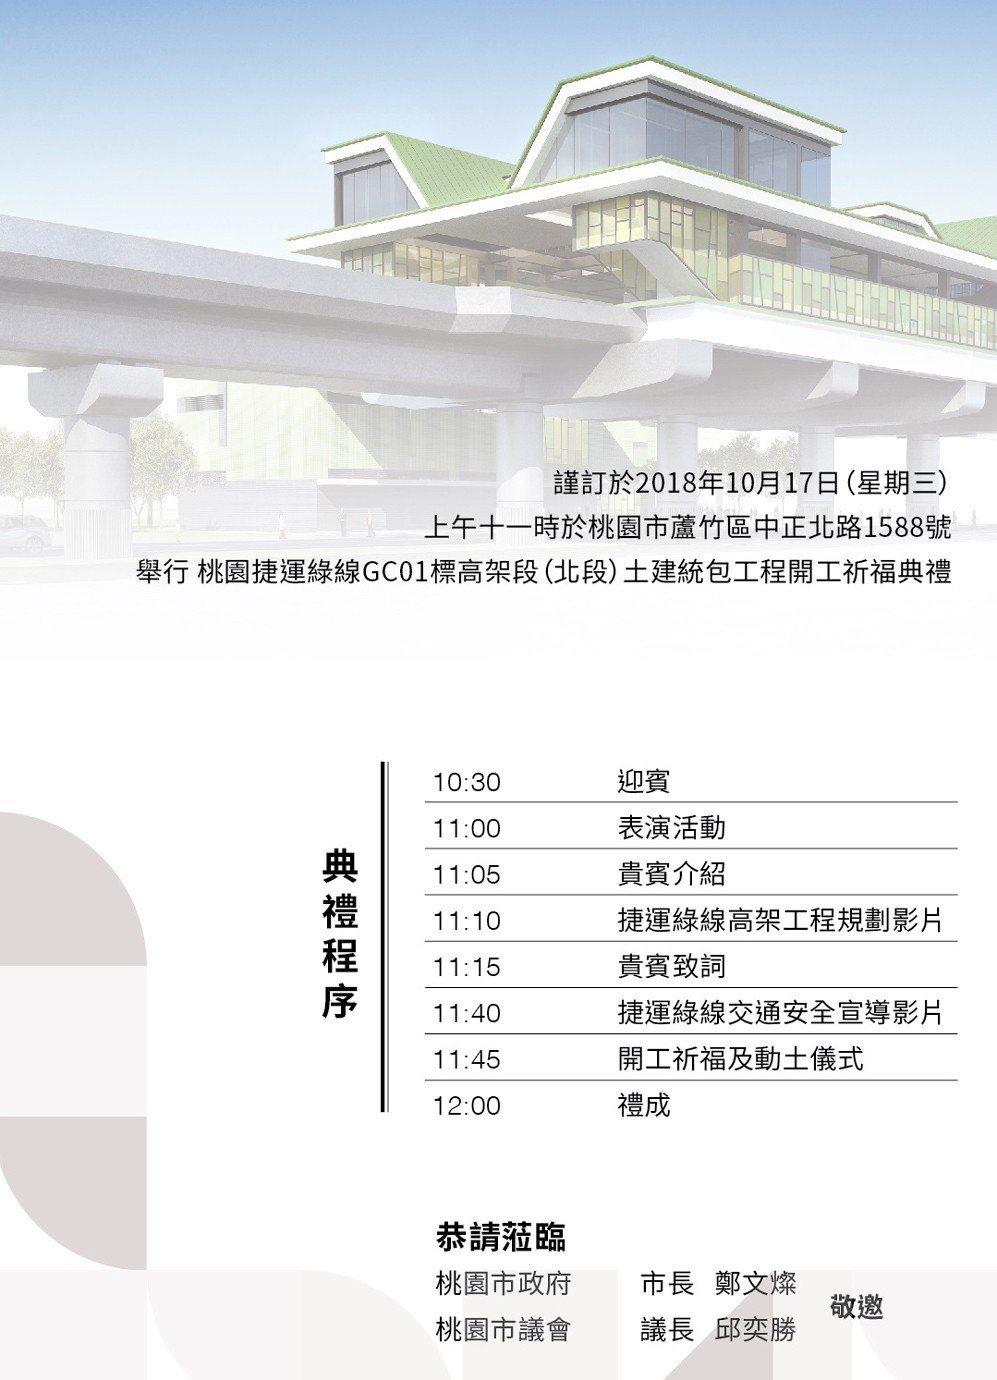 桃園捷運綠線高架段土建工程定15日、17日分南段、北段動工行程表(見圖)出爐。記...